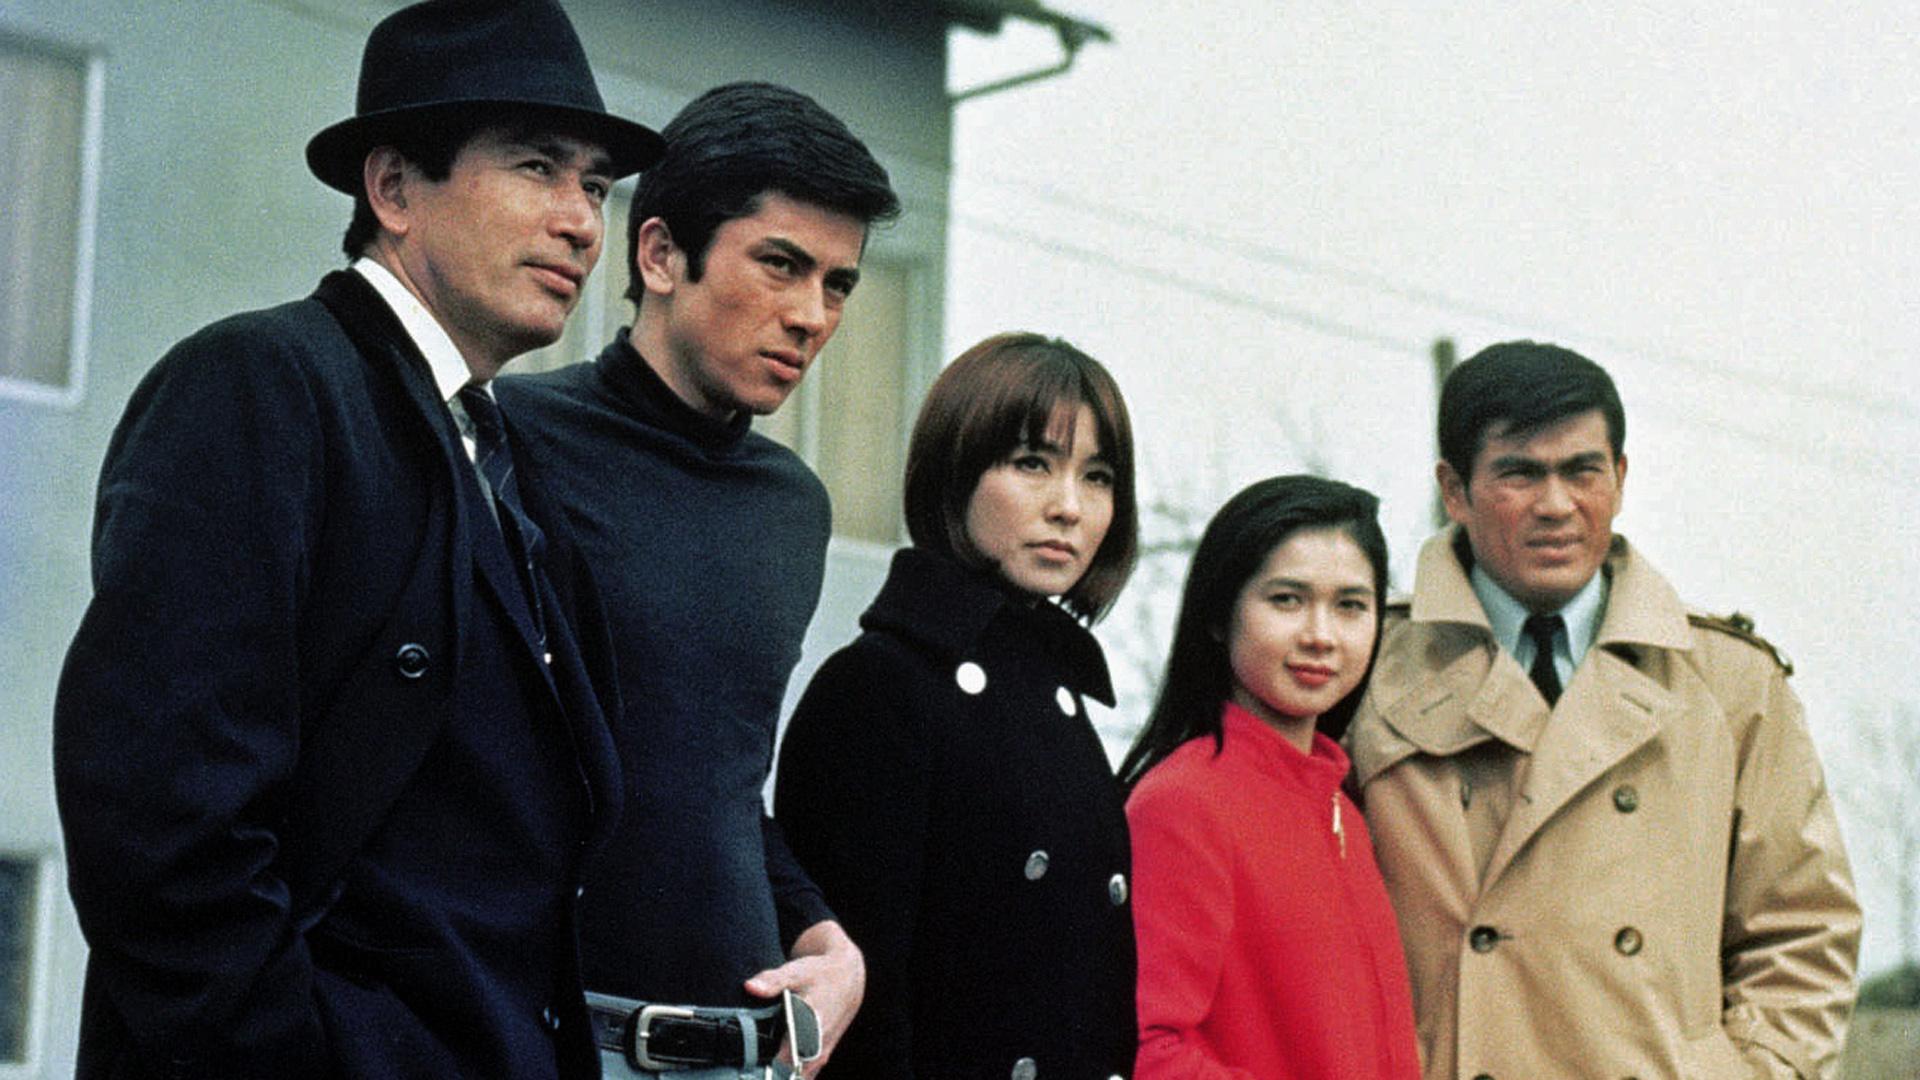 ファン待望!!東映アクションドラマの代表作『キイハンター』が放送再開!